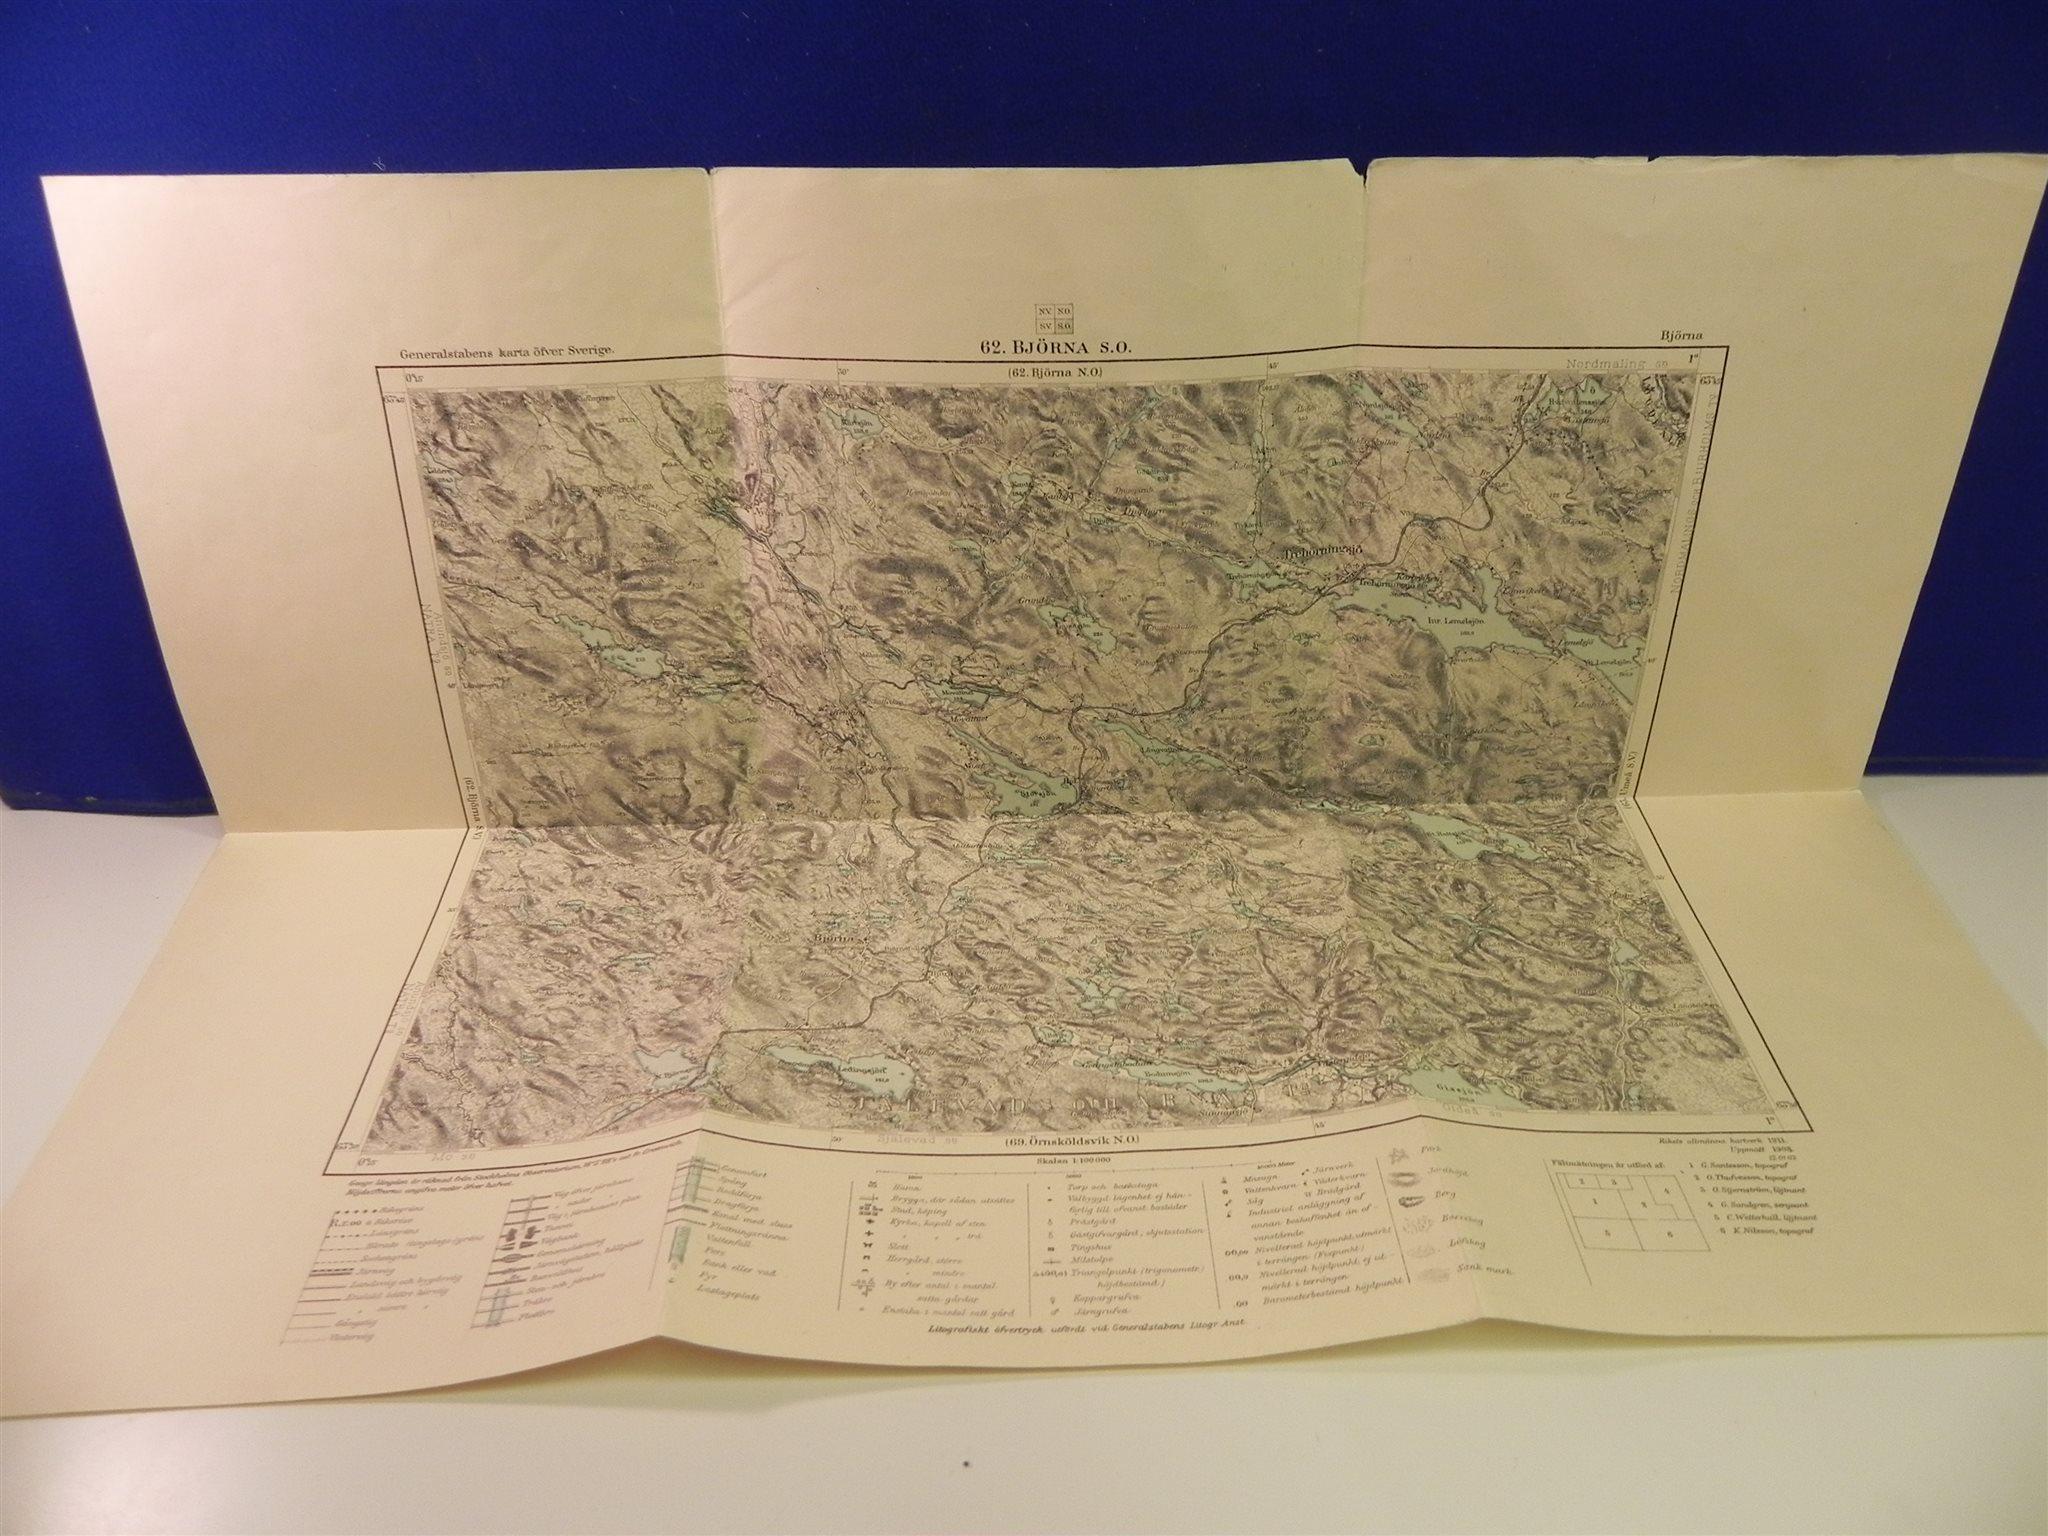 fastighetsbeteckning karta örnsköldsvik